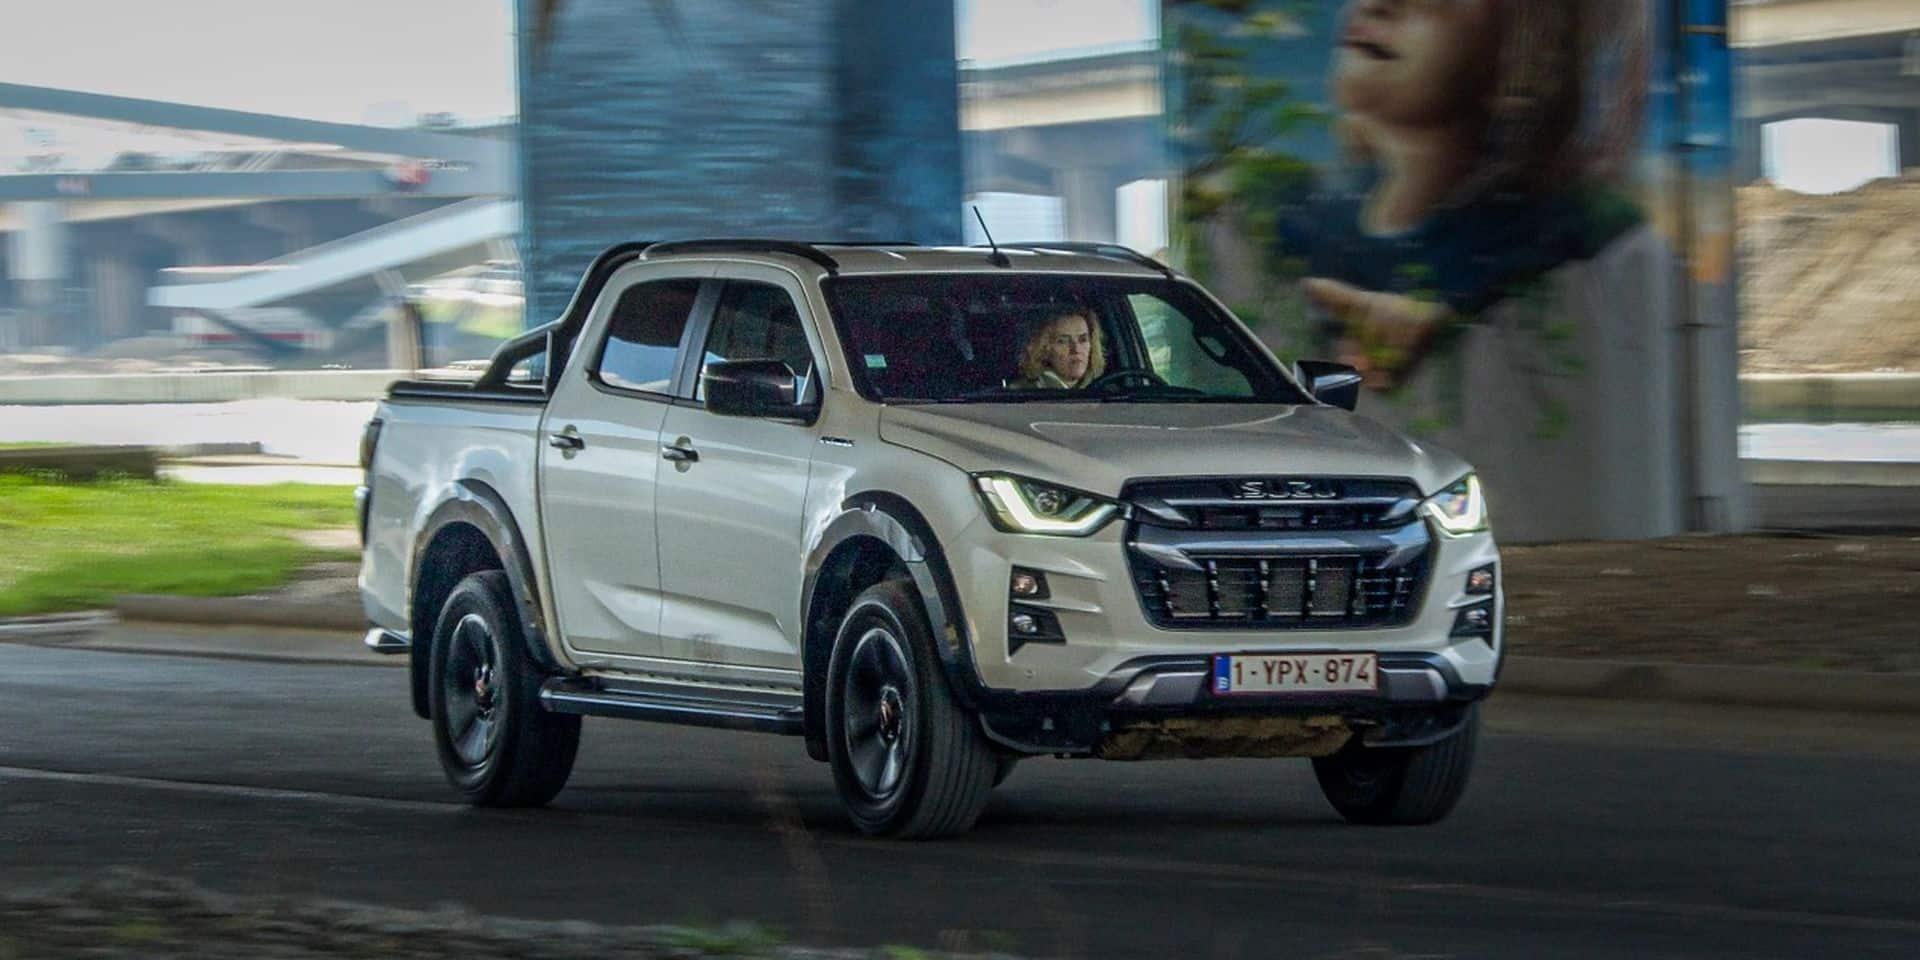 Essai auto Isuzu D-Max V-Cross : Un pick-up taillé pour le travail et les loisirs